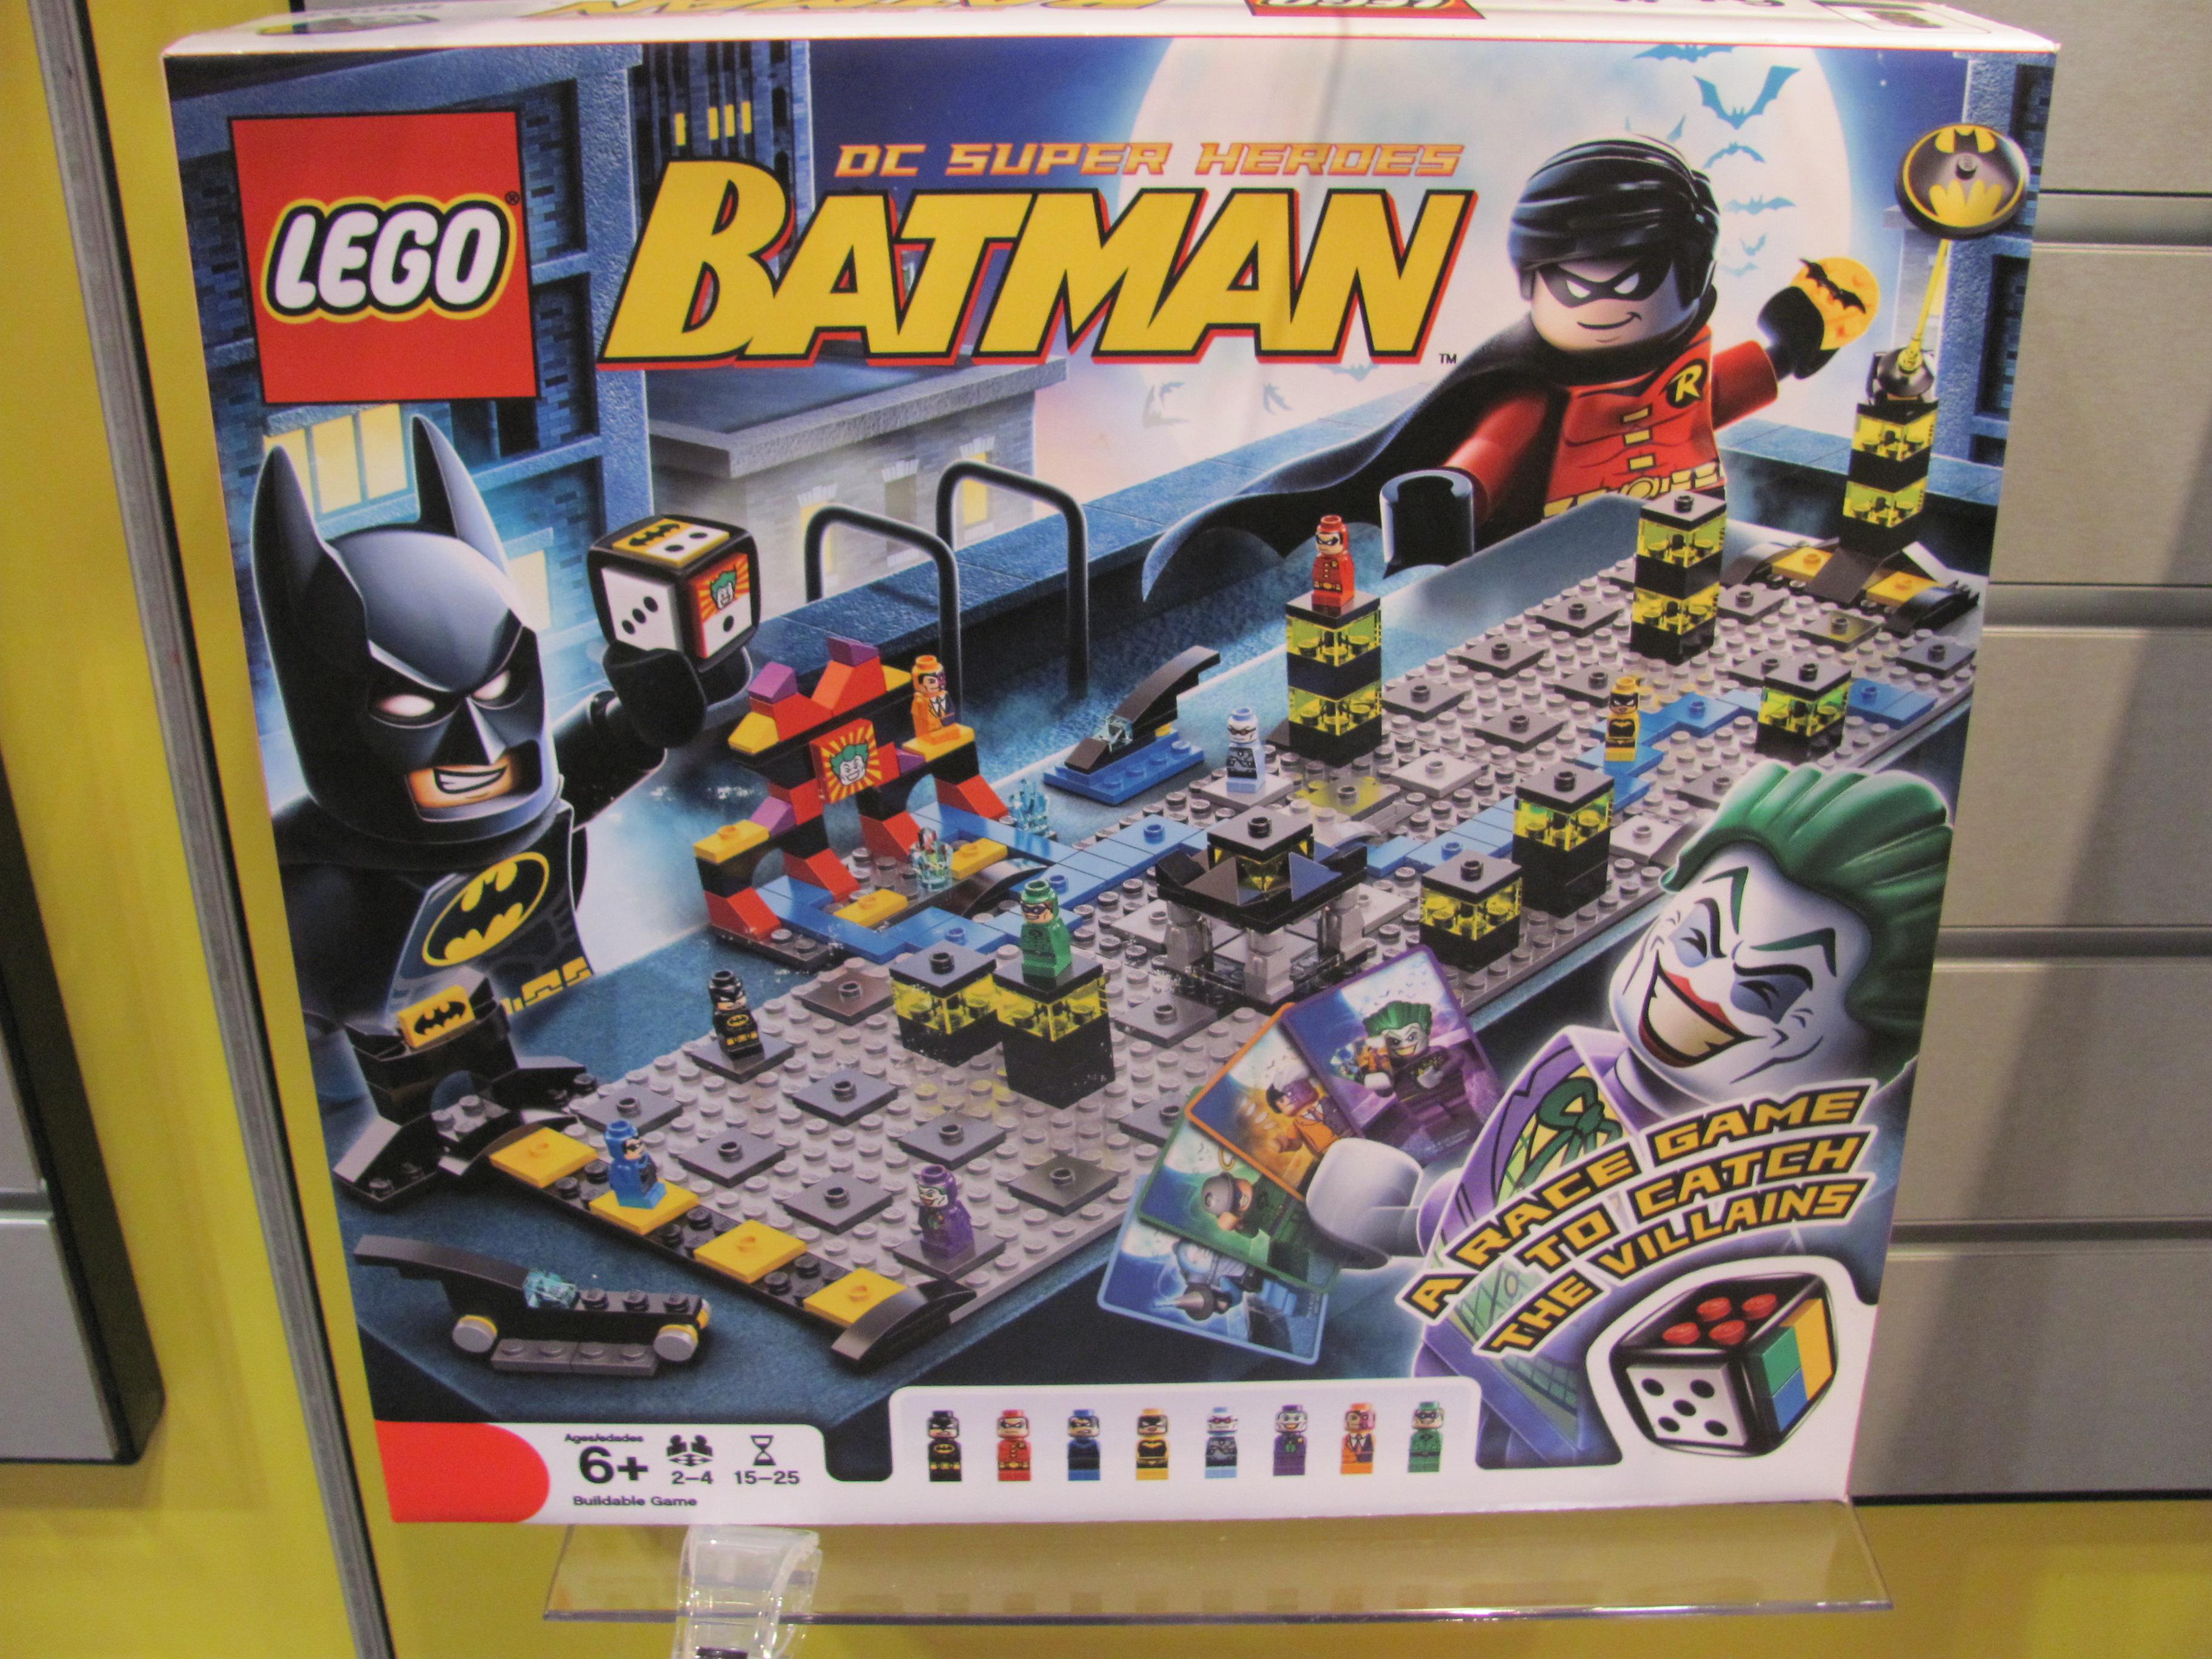 Lego Batman Toys : Toy fair —lego board games purple pawn